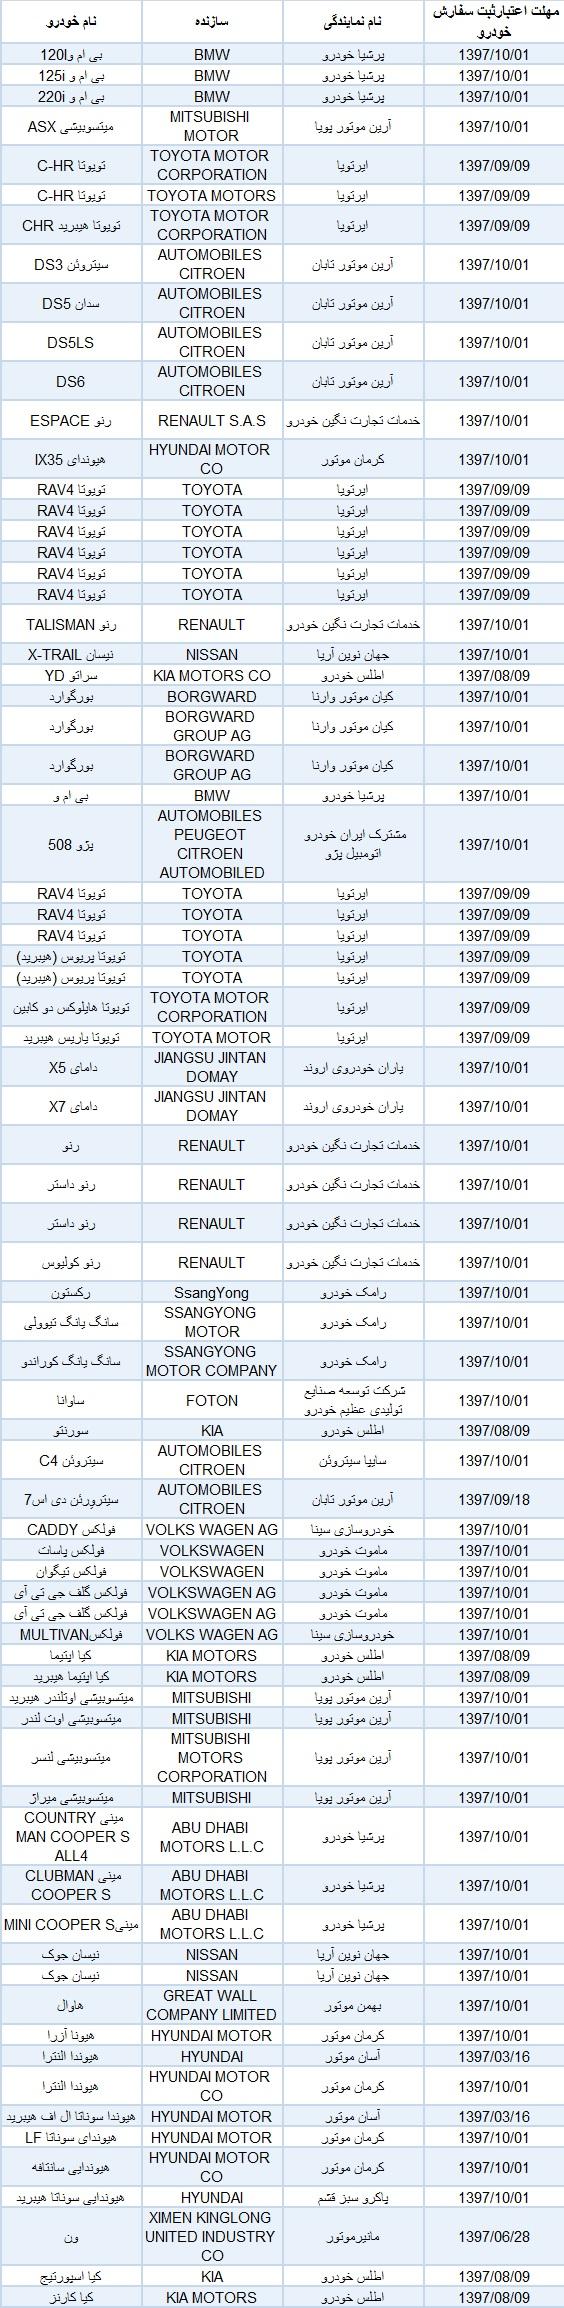 لیست خودوهای مجاز به واردات خرداد 97